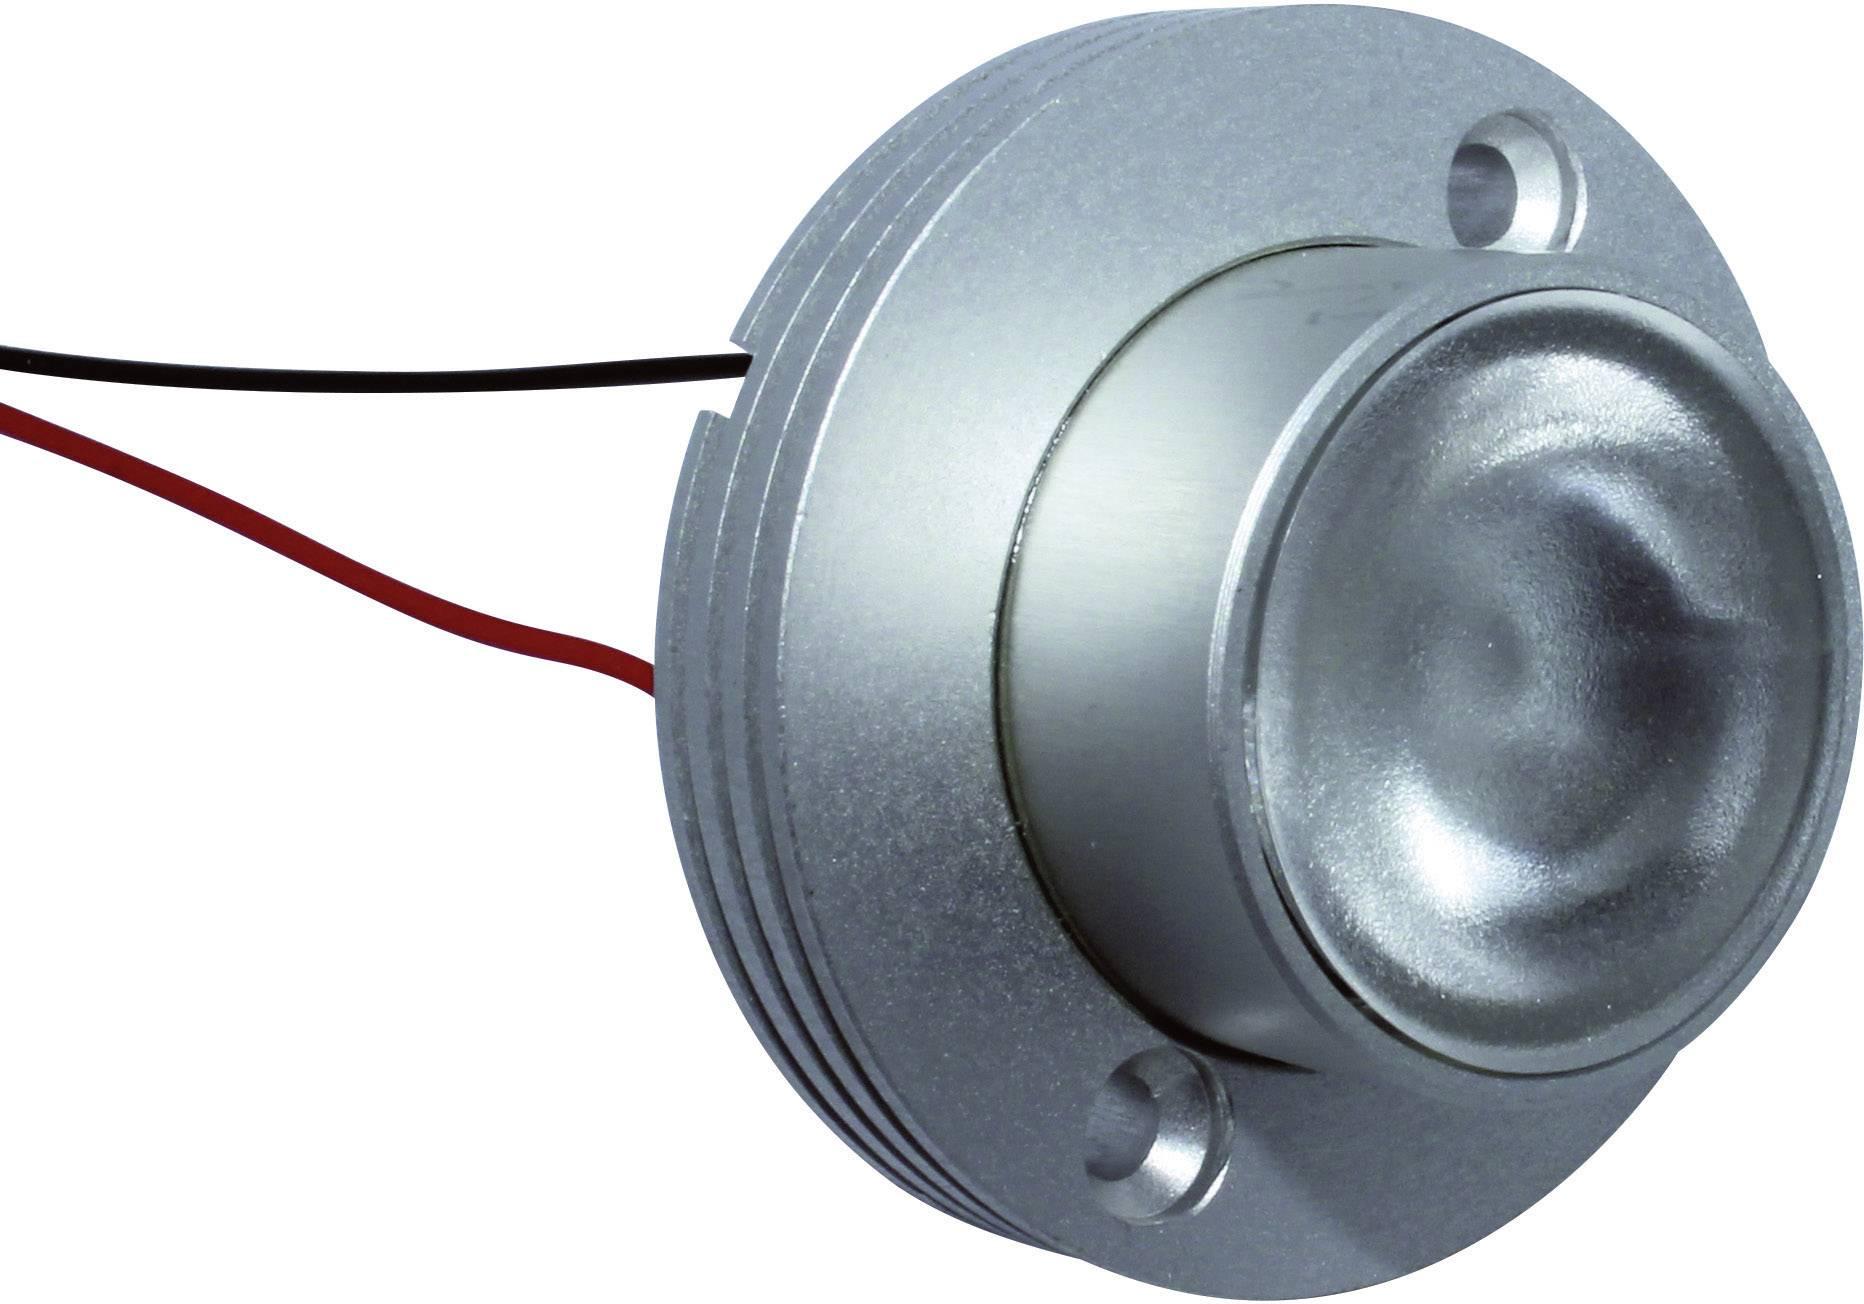 HighPower LED-spot Signal Construct QAUR1551L030, 45 °, 100 lm, 1 W, 3.3 V, teplá biela